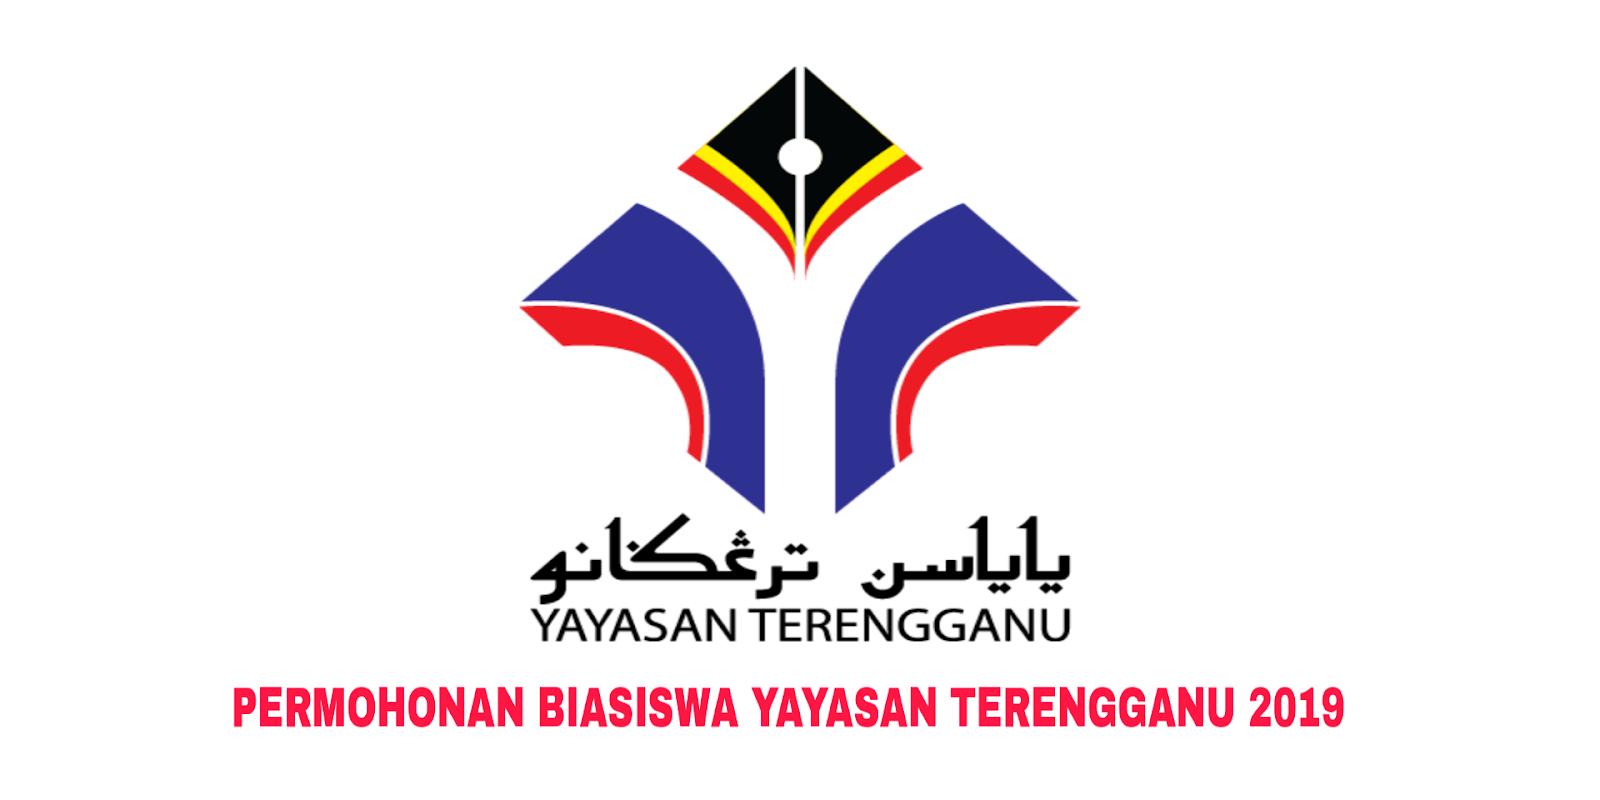 Permohonan Biasiswa Yayasan Terengganu 2020 Online Semakan Status My Panduan